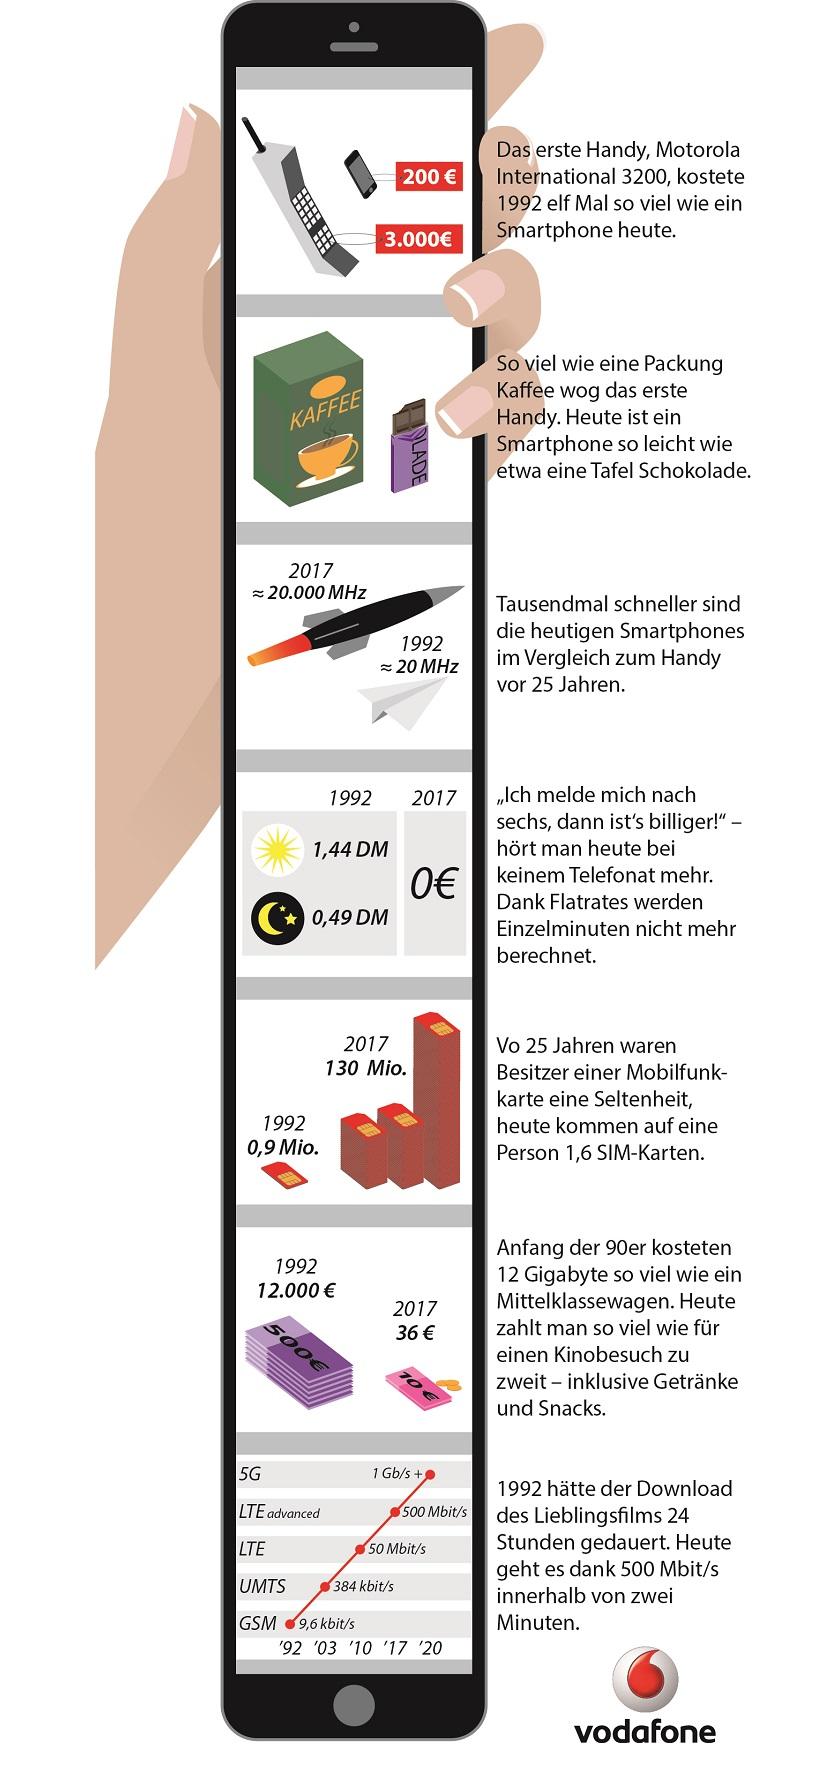 25 Jahre Handy in Deutschland: Raus aus der kommunikativen Steinzeit